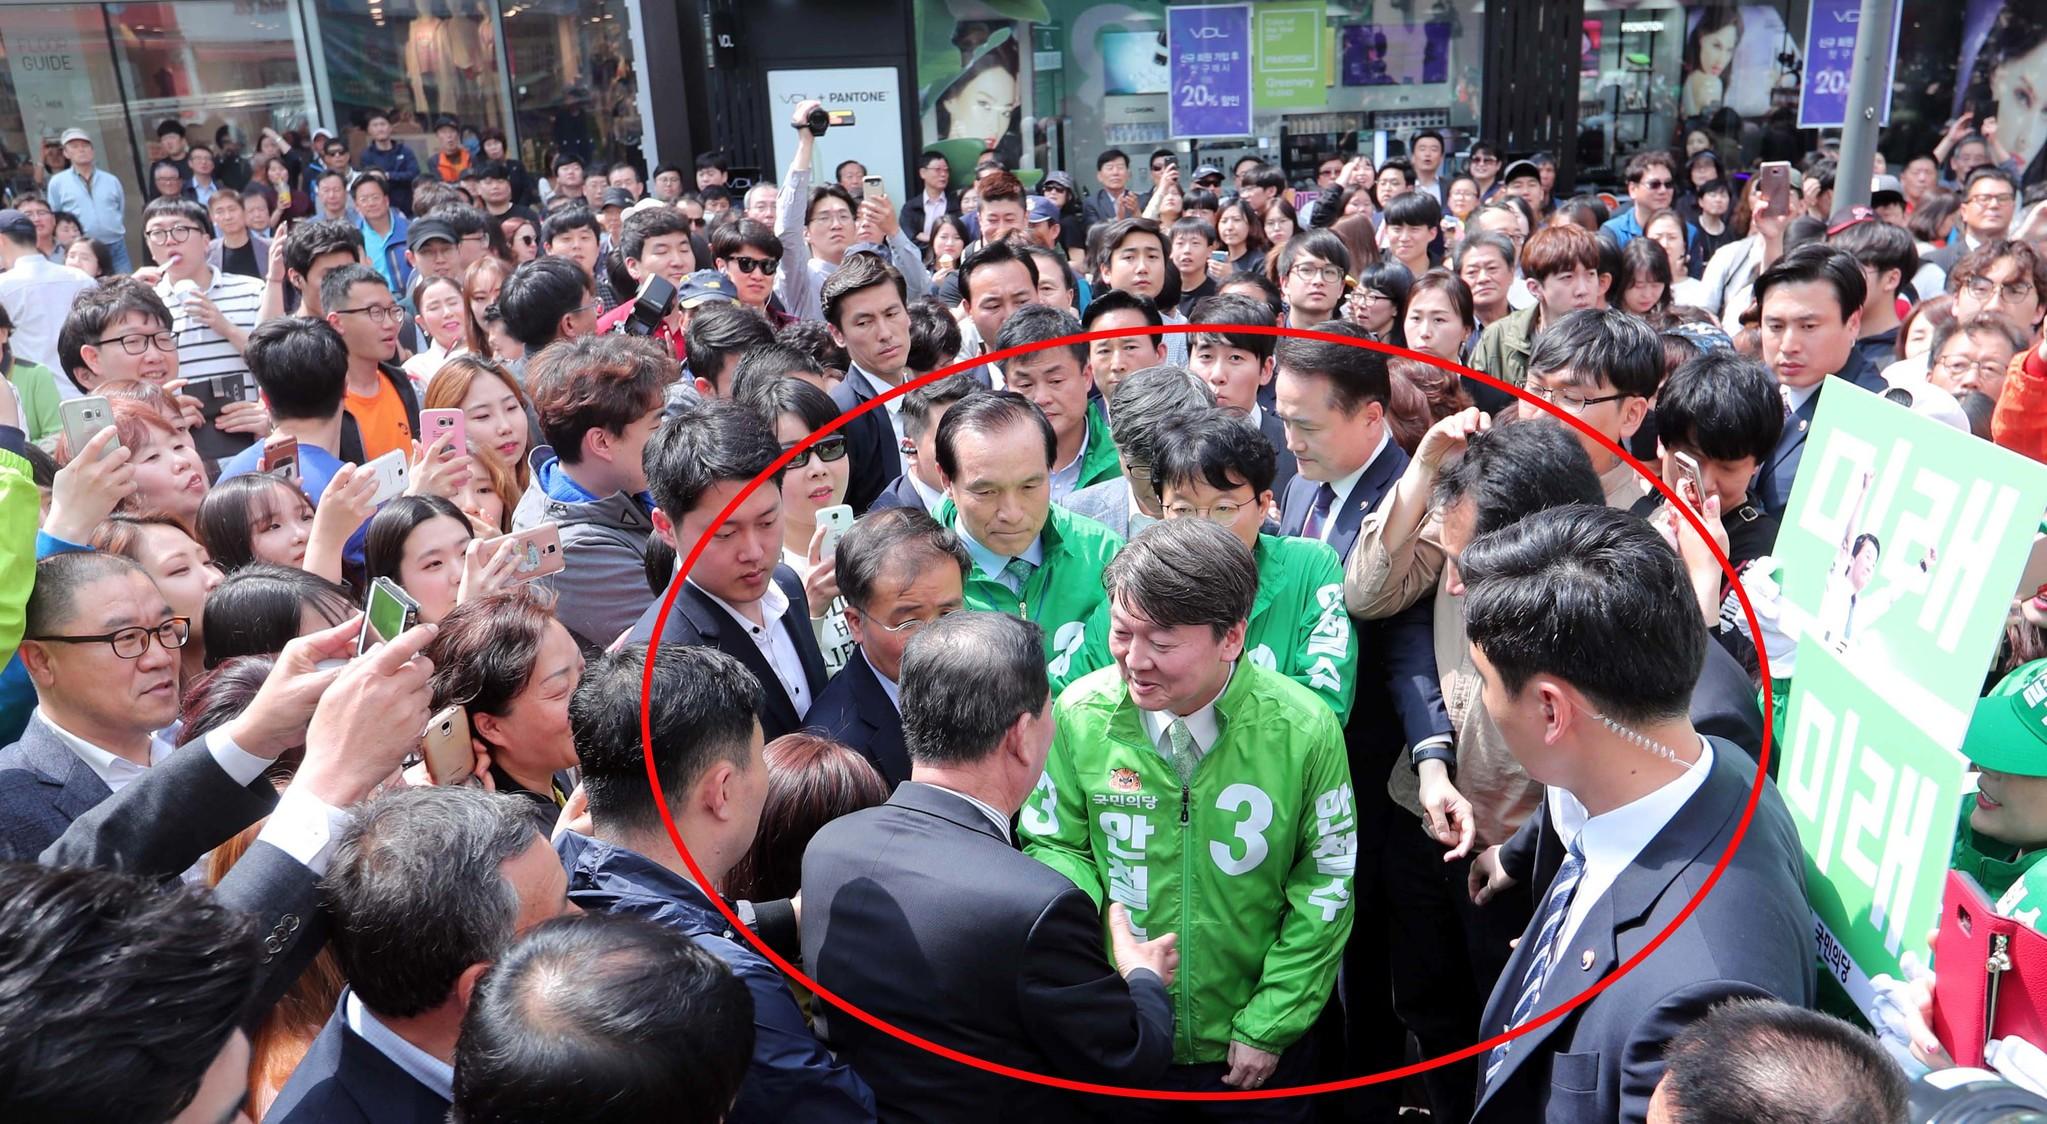 안철수 국민의당 후보가 18일 오후 대구 동성로 대구백화점 앞에서 단상으로 향하며 지지자들과 인사하고 있다. 안 후보와 지지자들 사이엔 당직자들의 벽이 가로막혀있다.박종근 기자